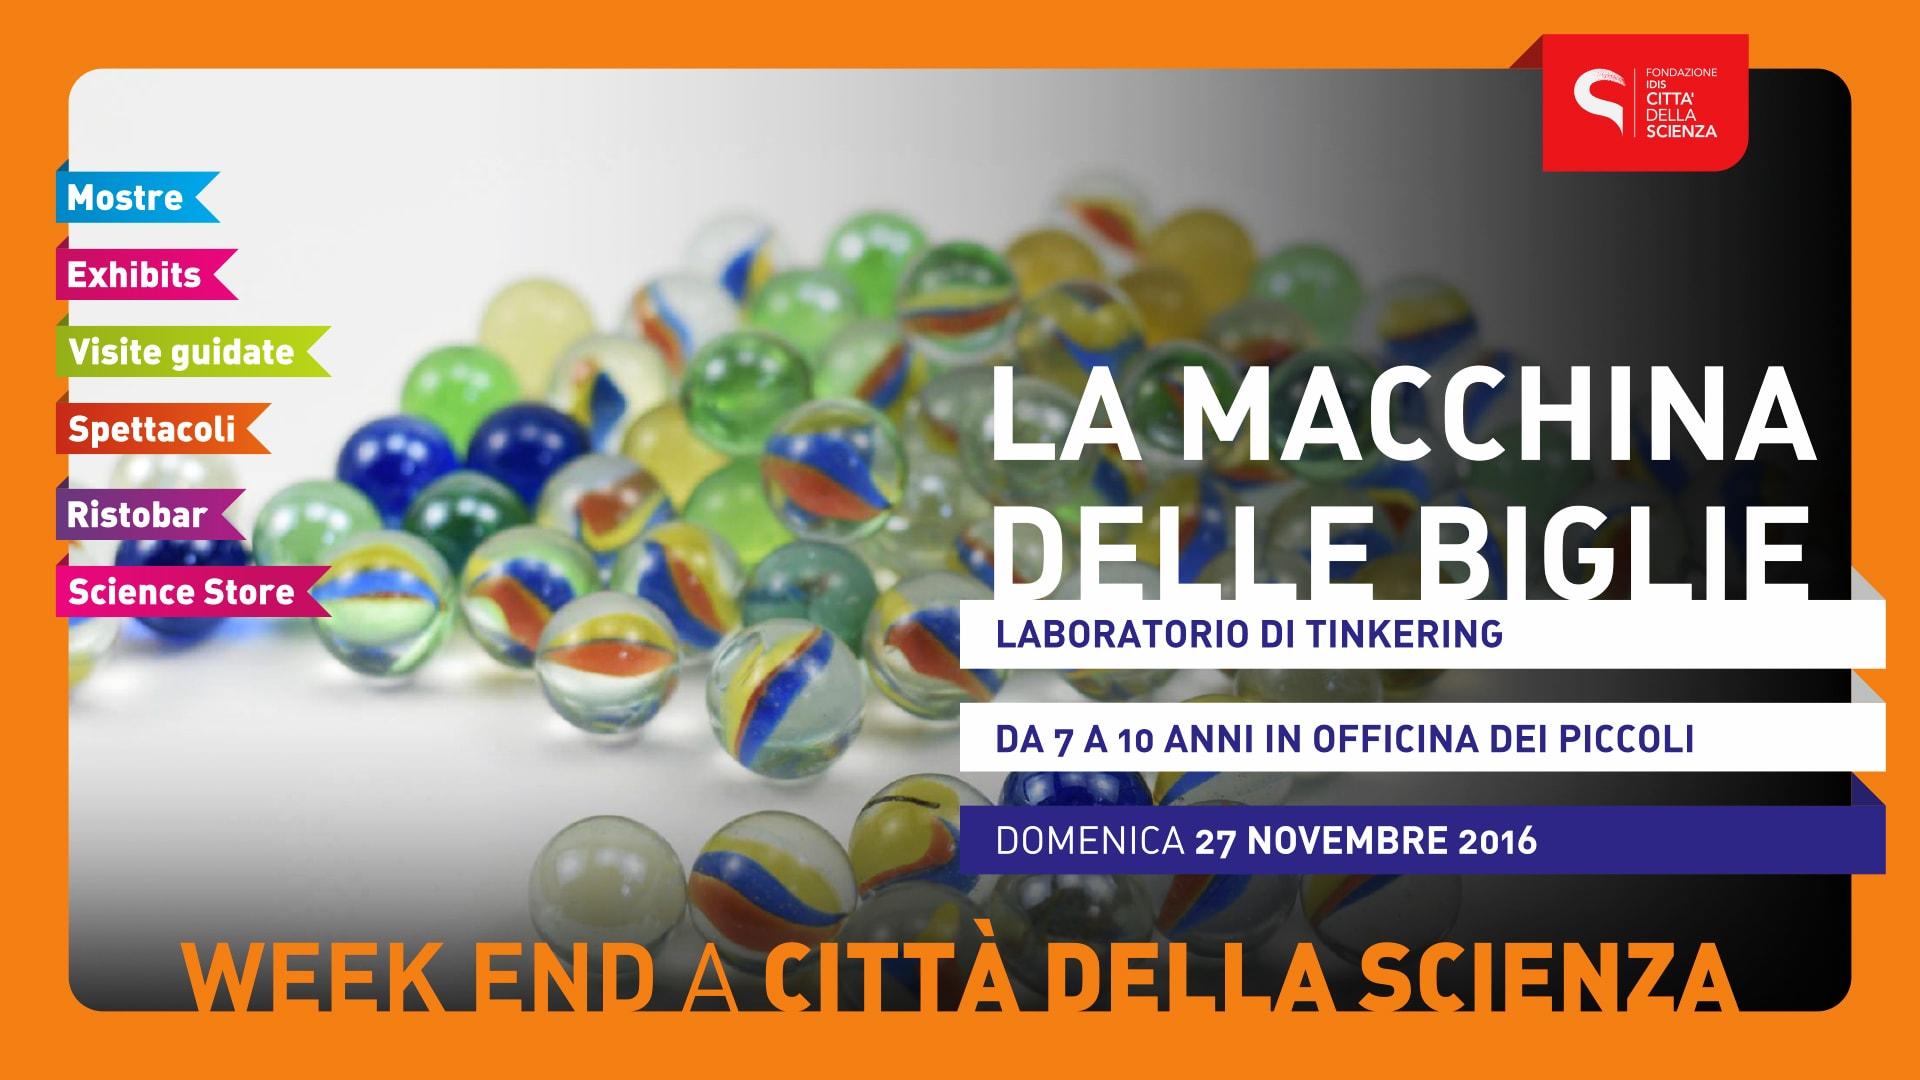 MACCHINA_DELLE_BIGLIE